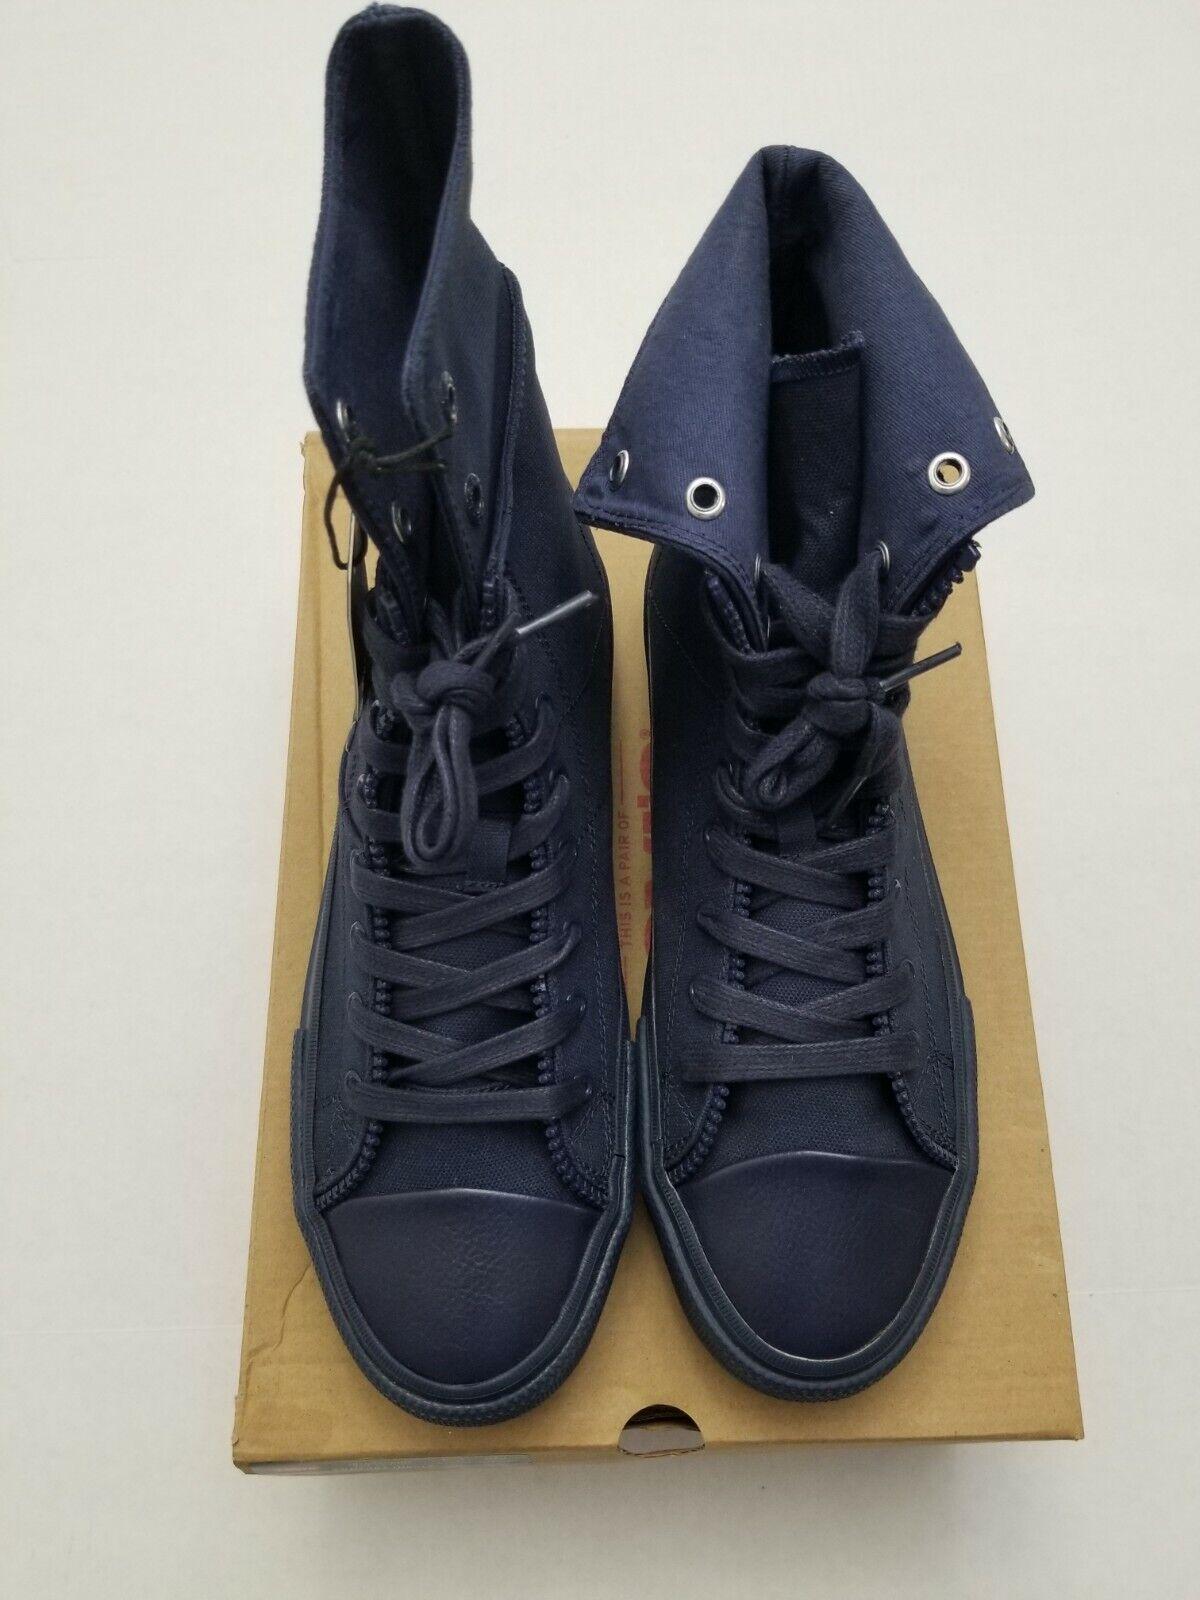 Levi Men's Zip Ex L Hi Mono Navy Blue Sneaker Shoes Size 8 New With Box 519267